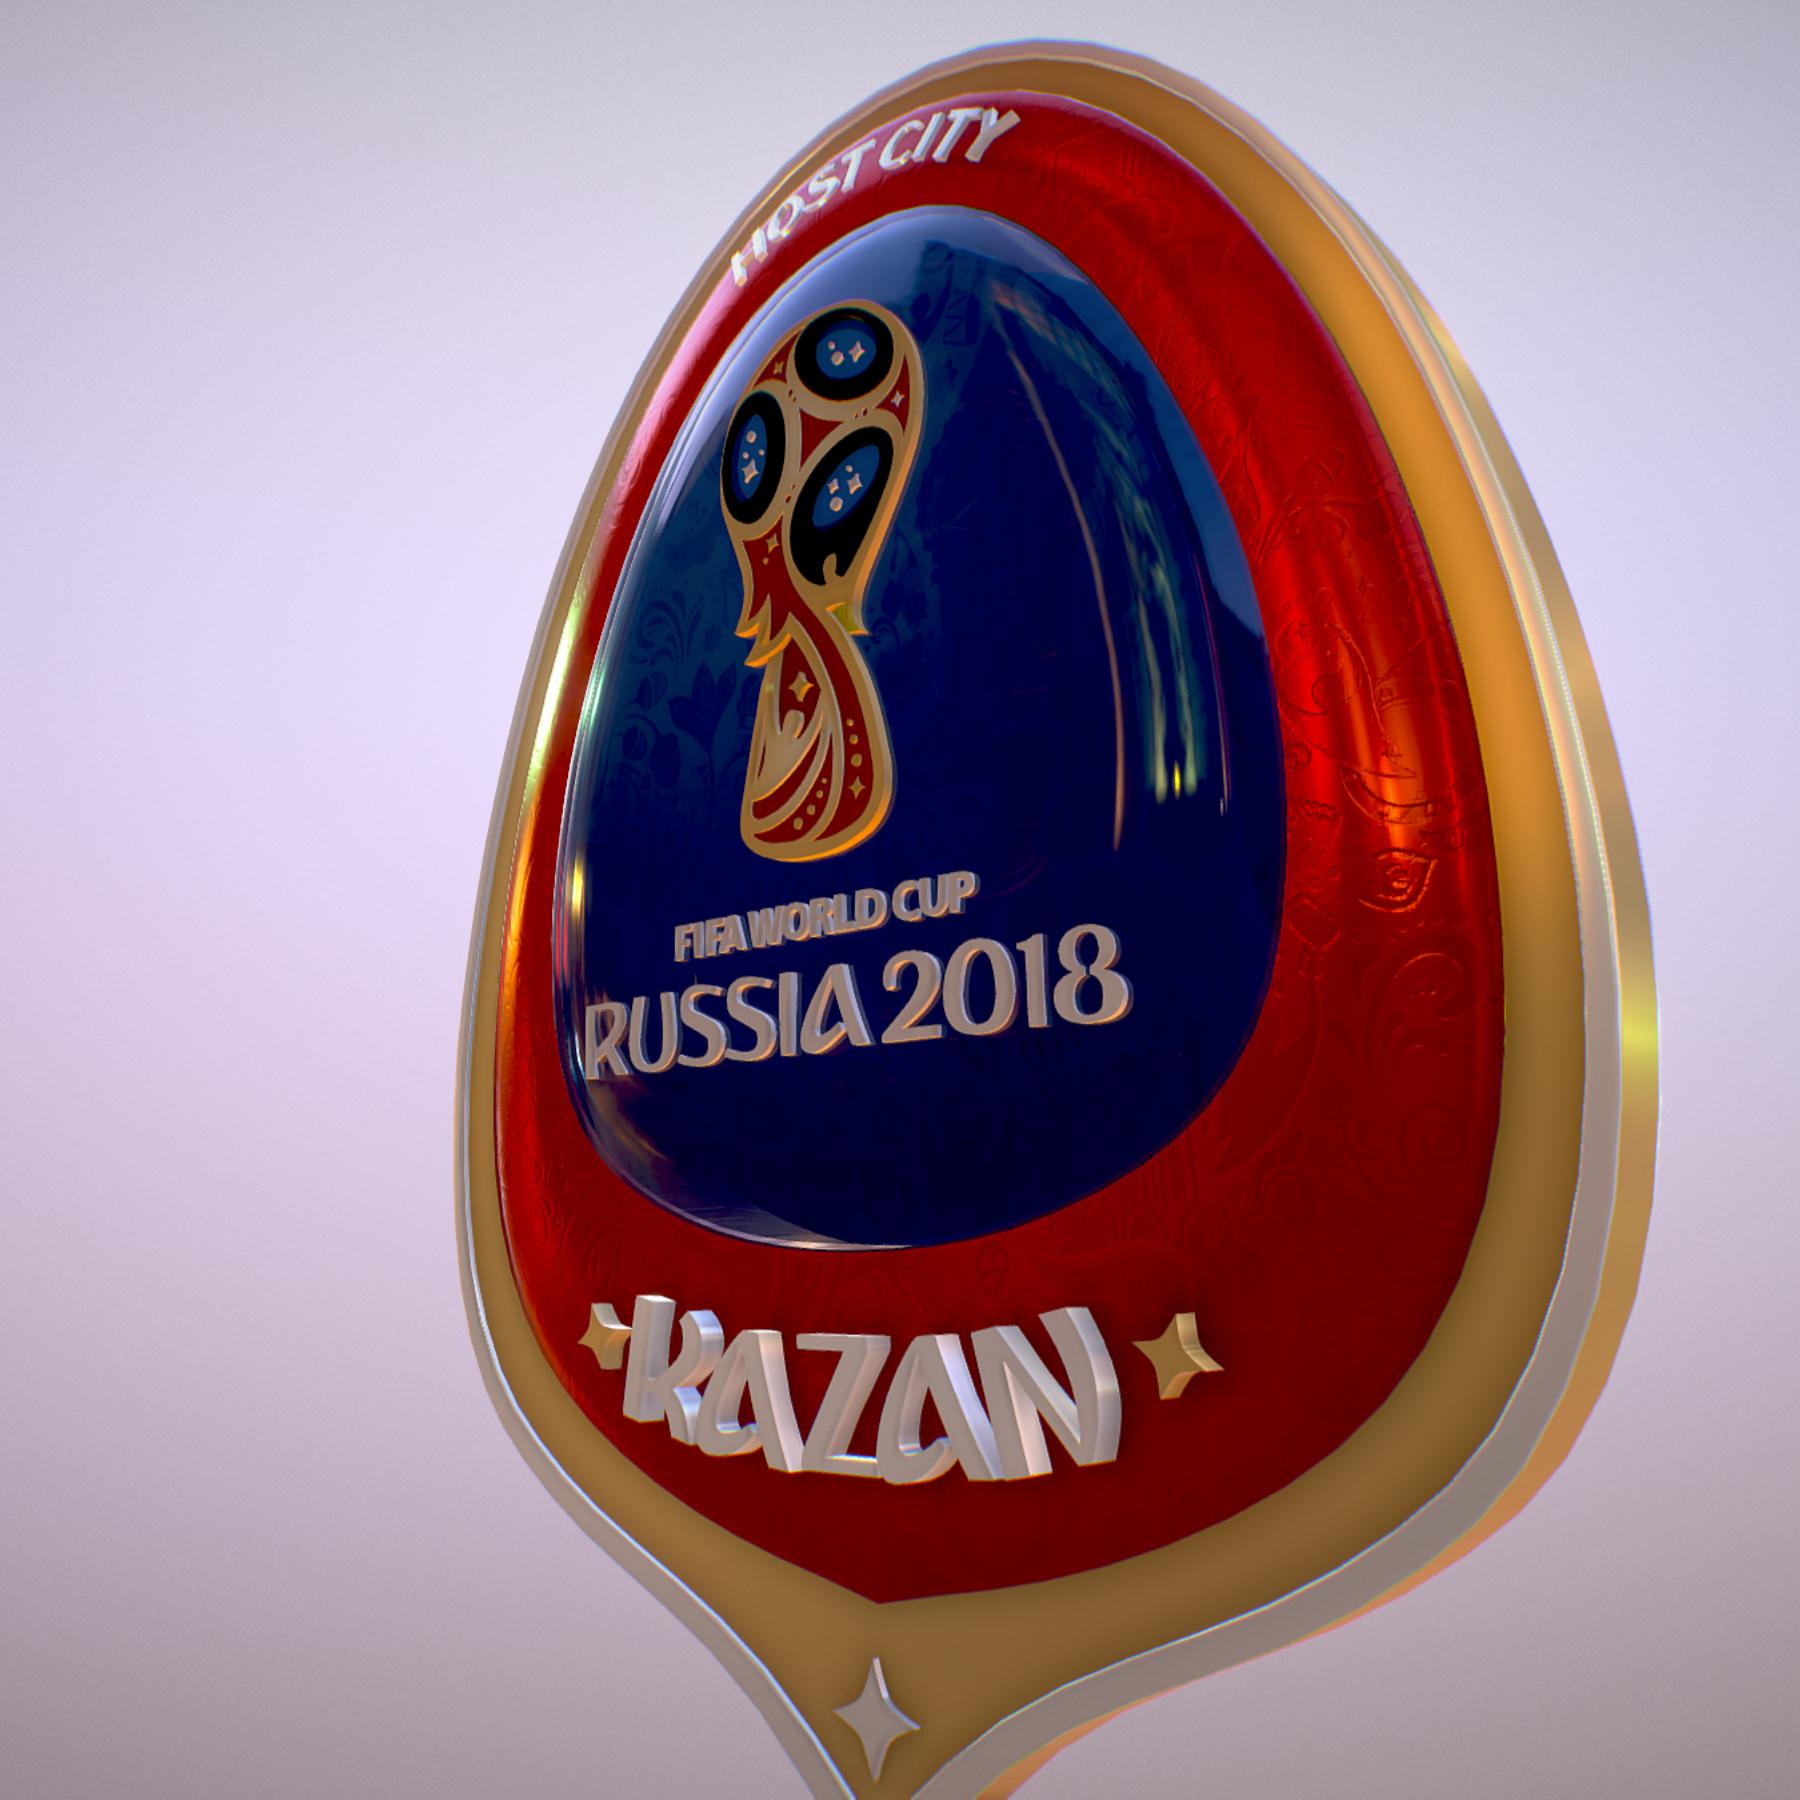 kazan host city world cup russia 2018 symbol 3d model max  fbx jpeg jpg ma mb obj 271694